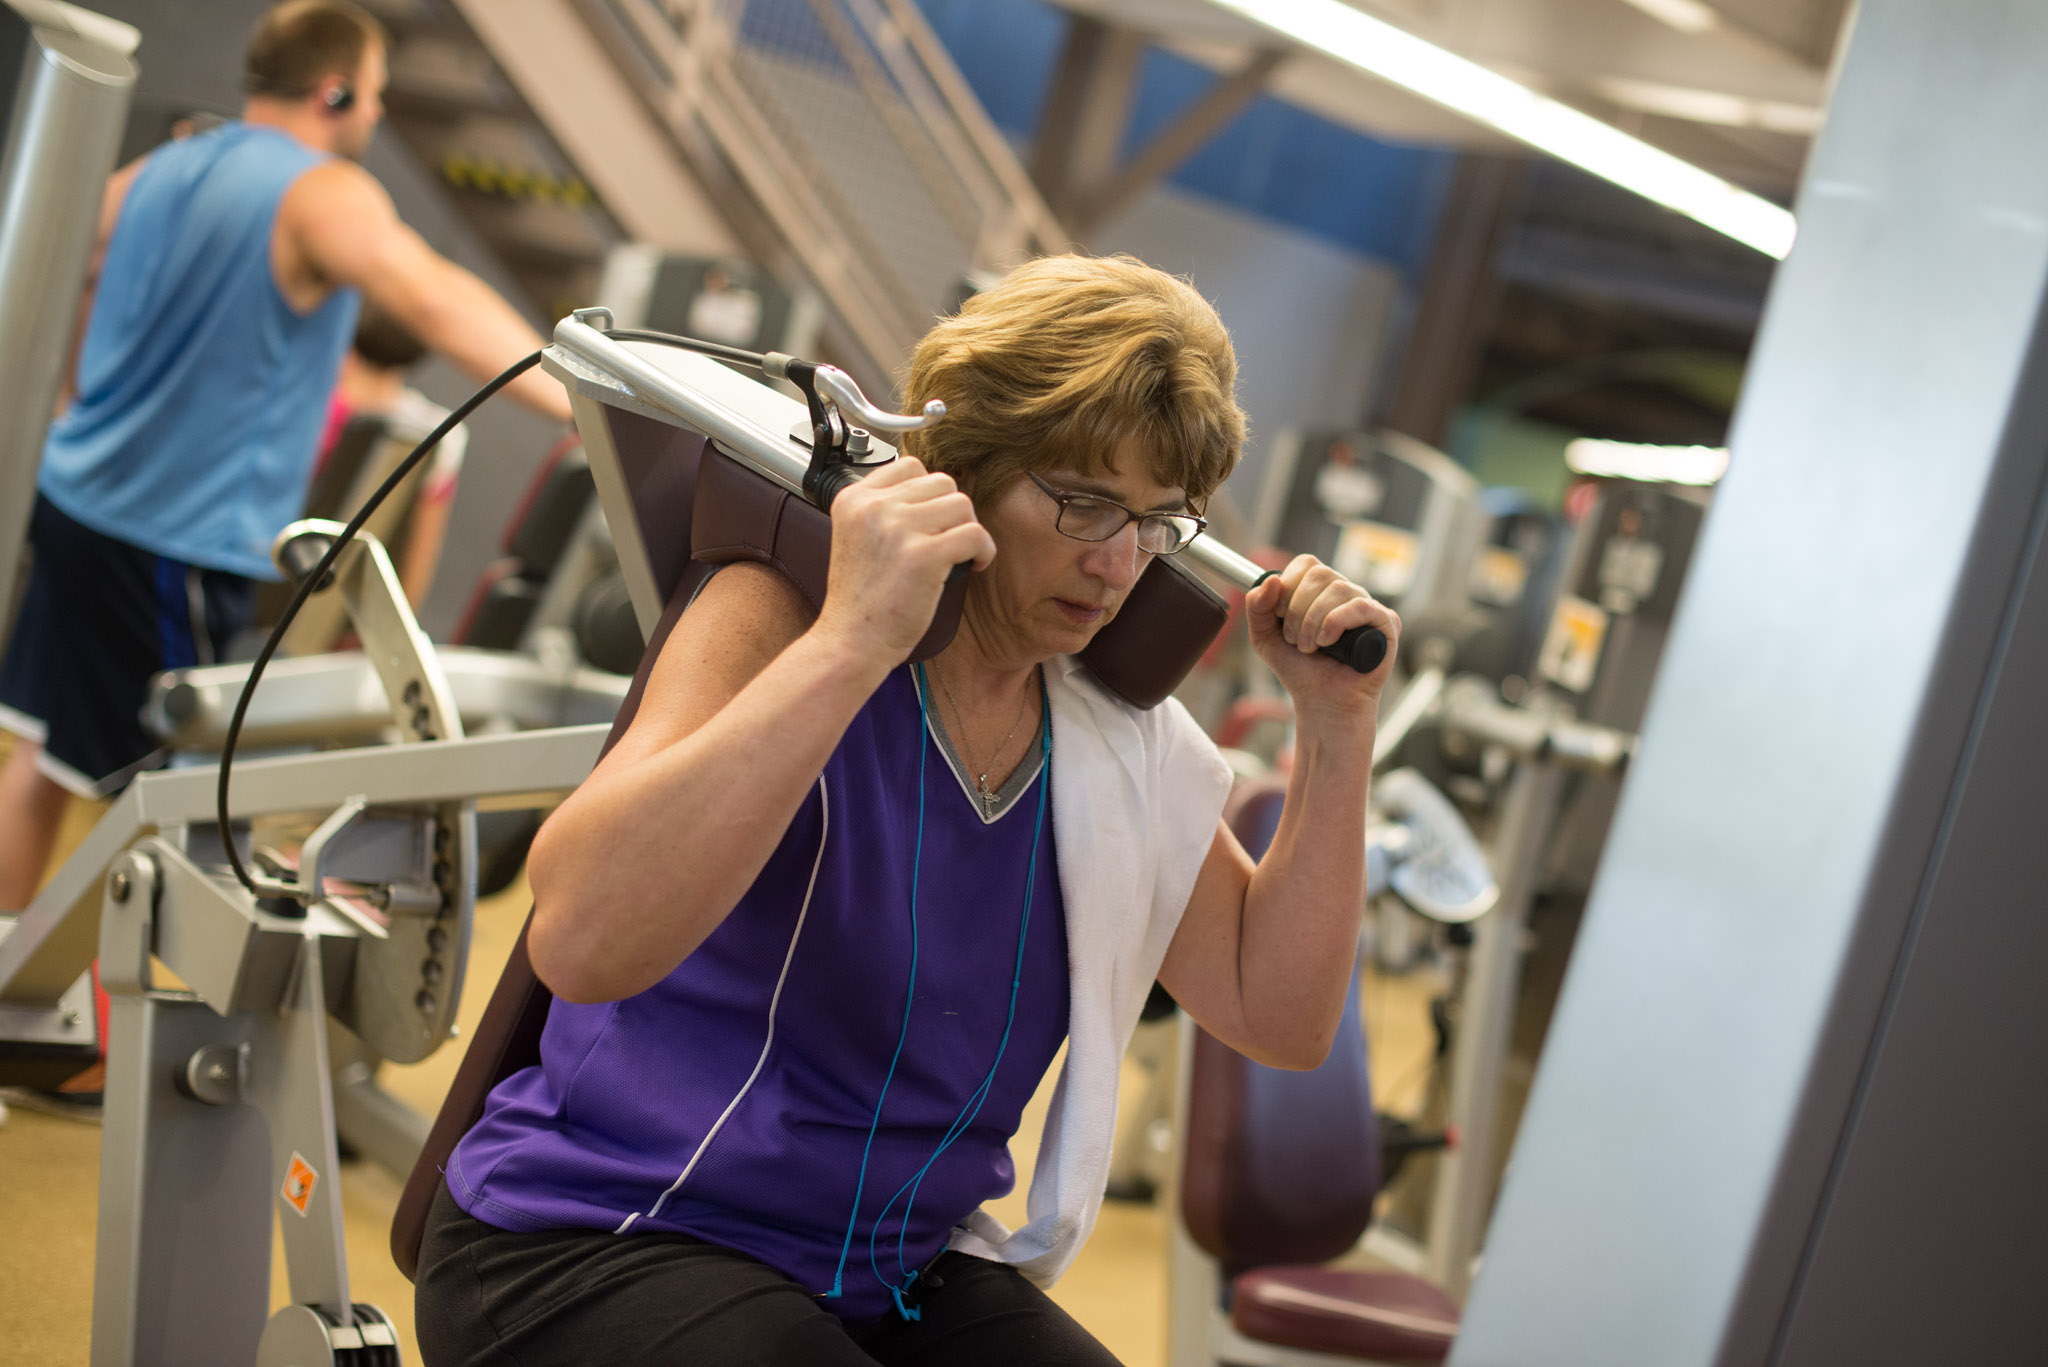 Wellness Center Stock Photos-1272.jpg